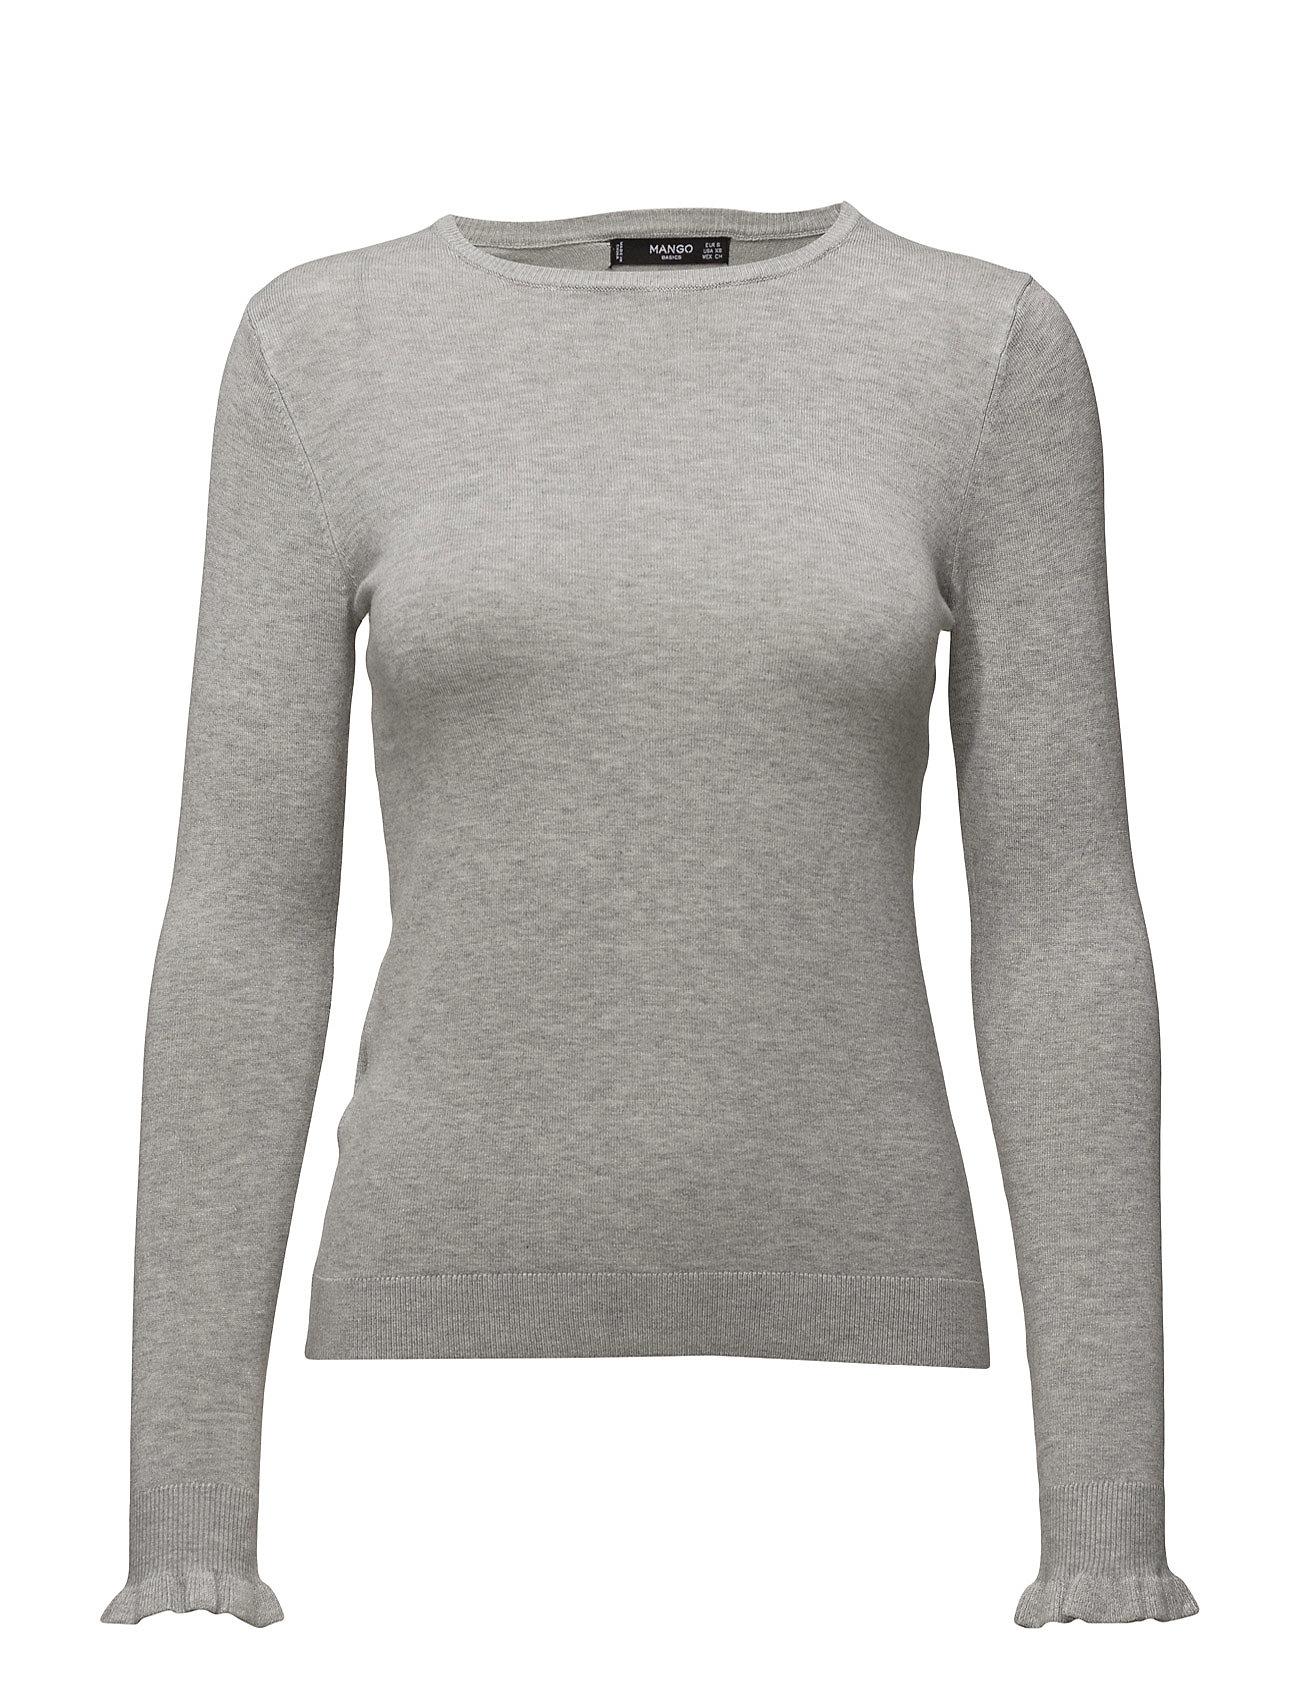 Ruffled Detail Sweater Mango Sweatshirts til Damer i Lt Pastel Grey